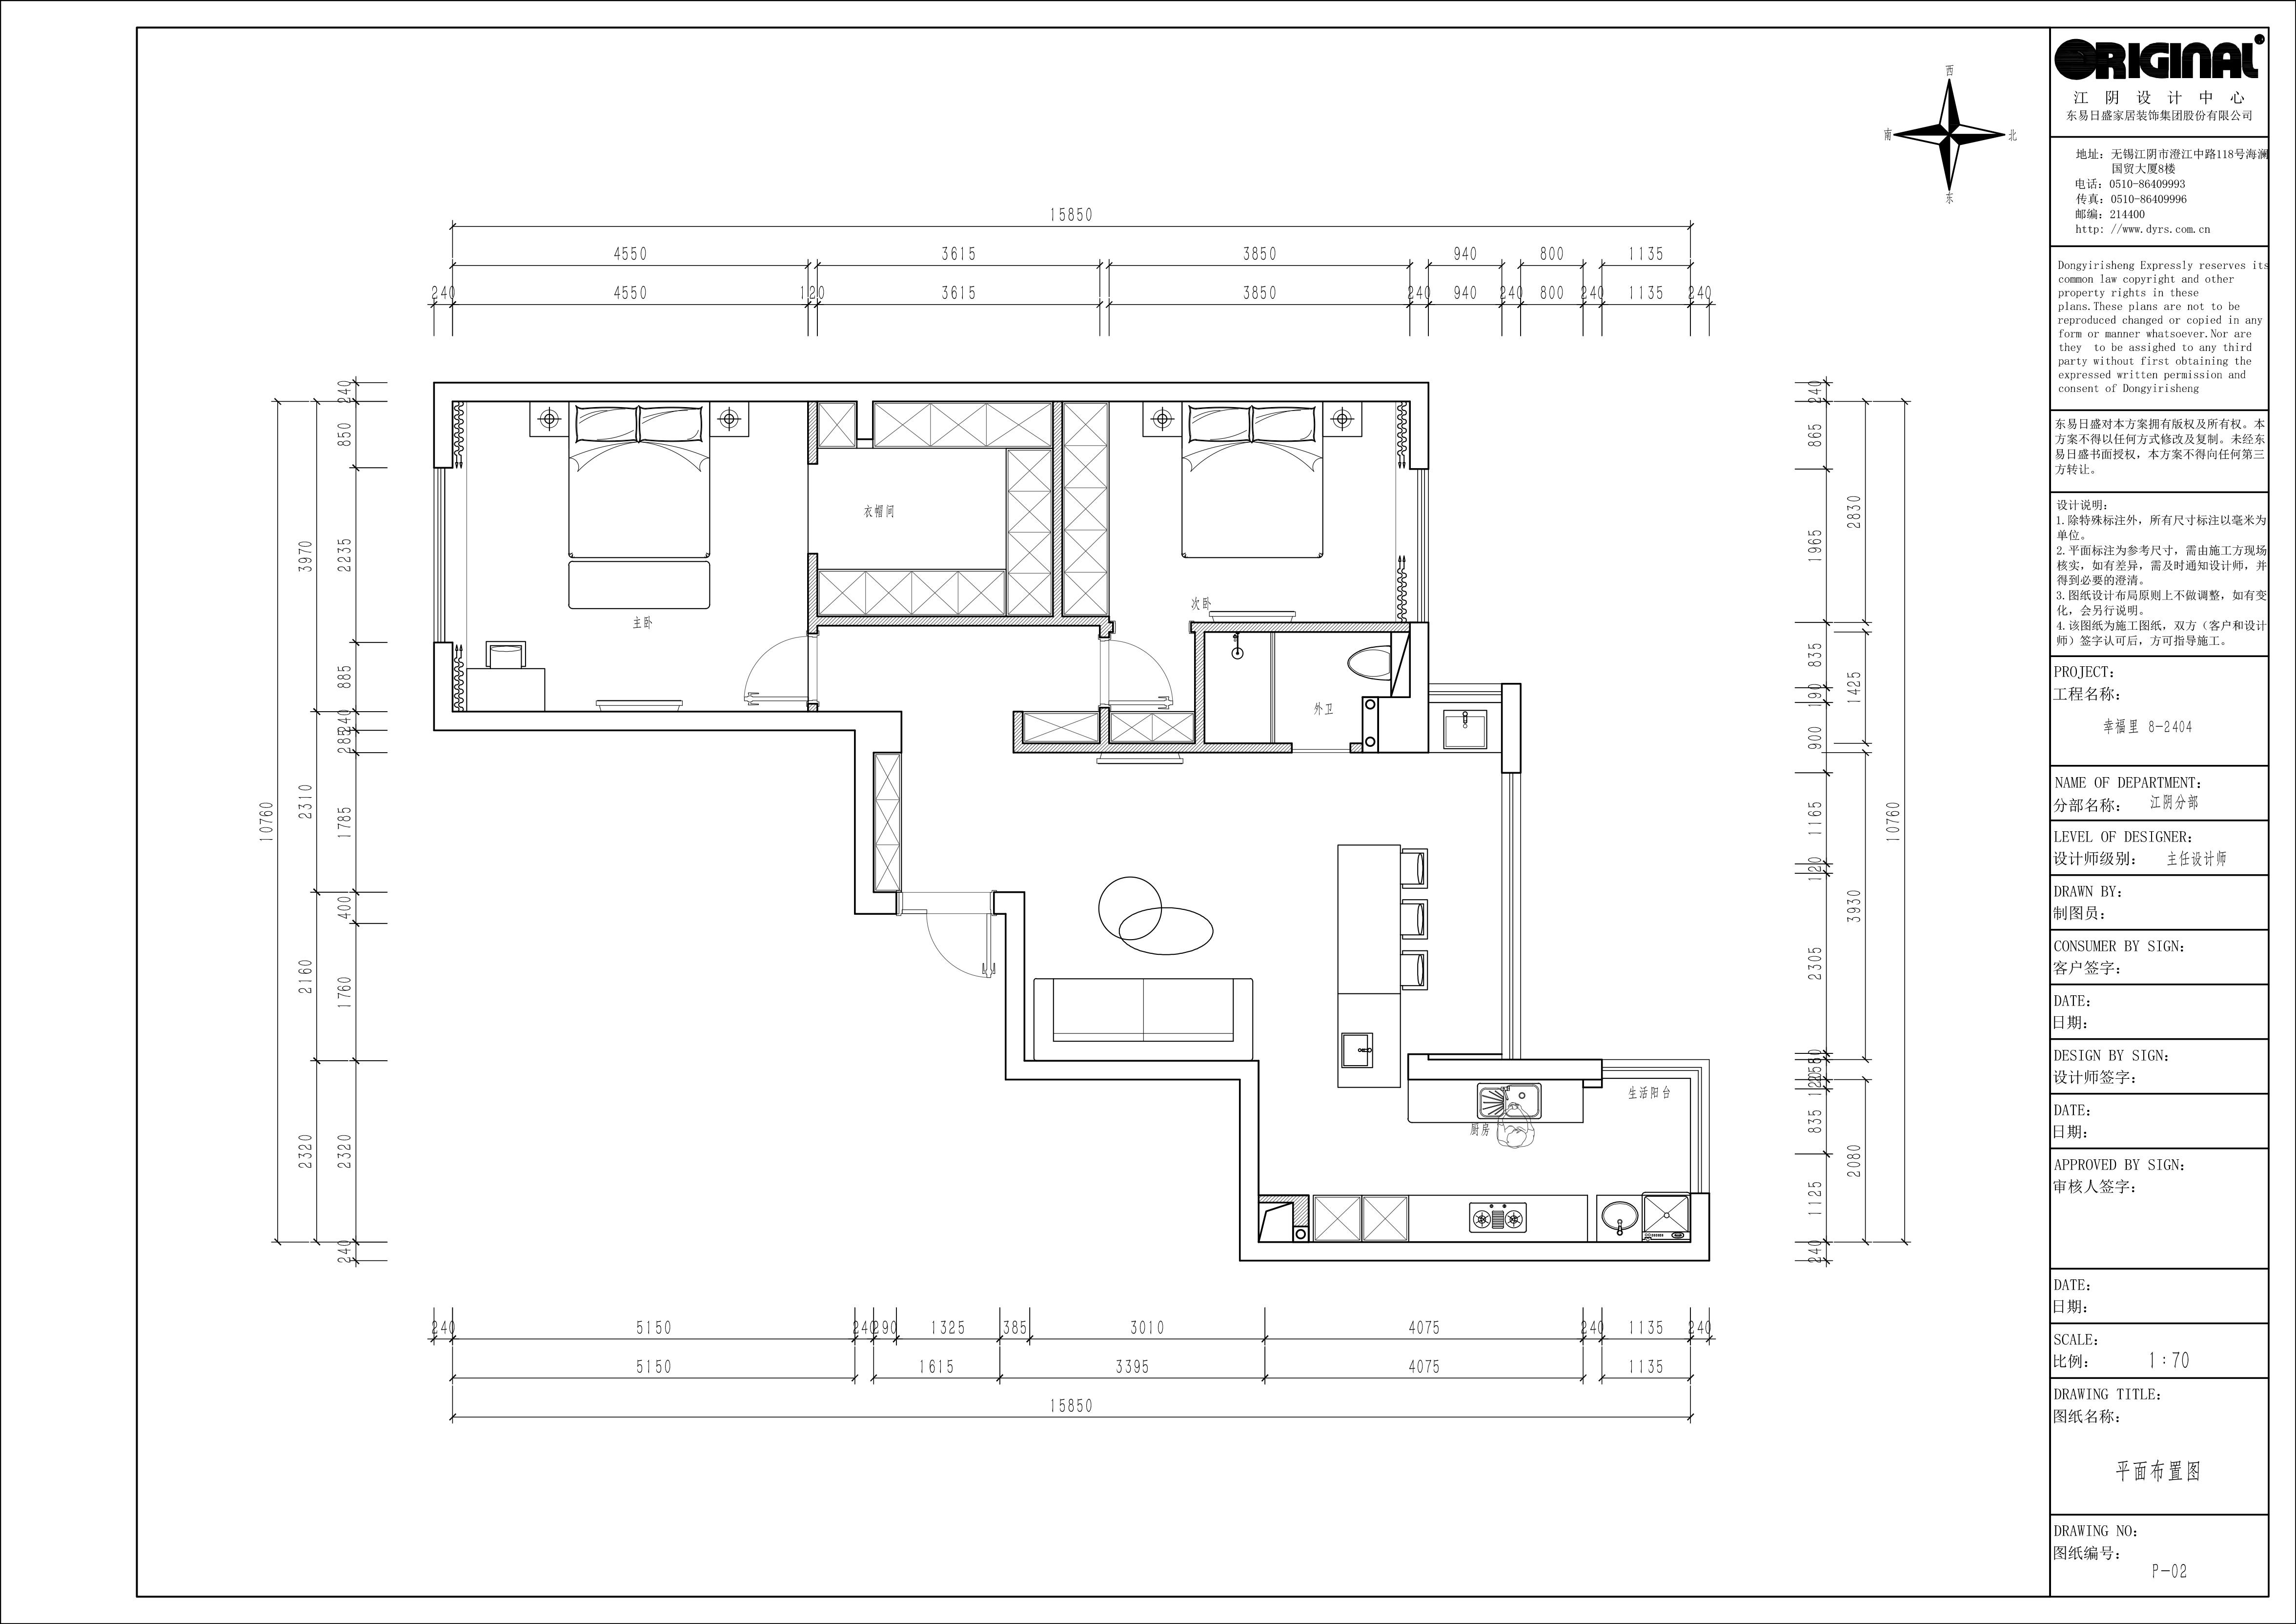 幸福里装修-法式轻奢设计-106平米装修设计理念